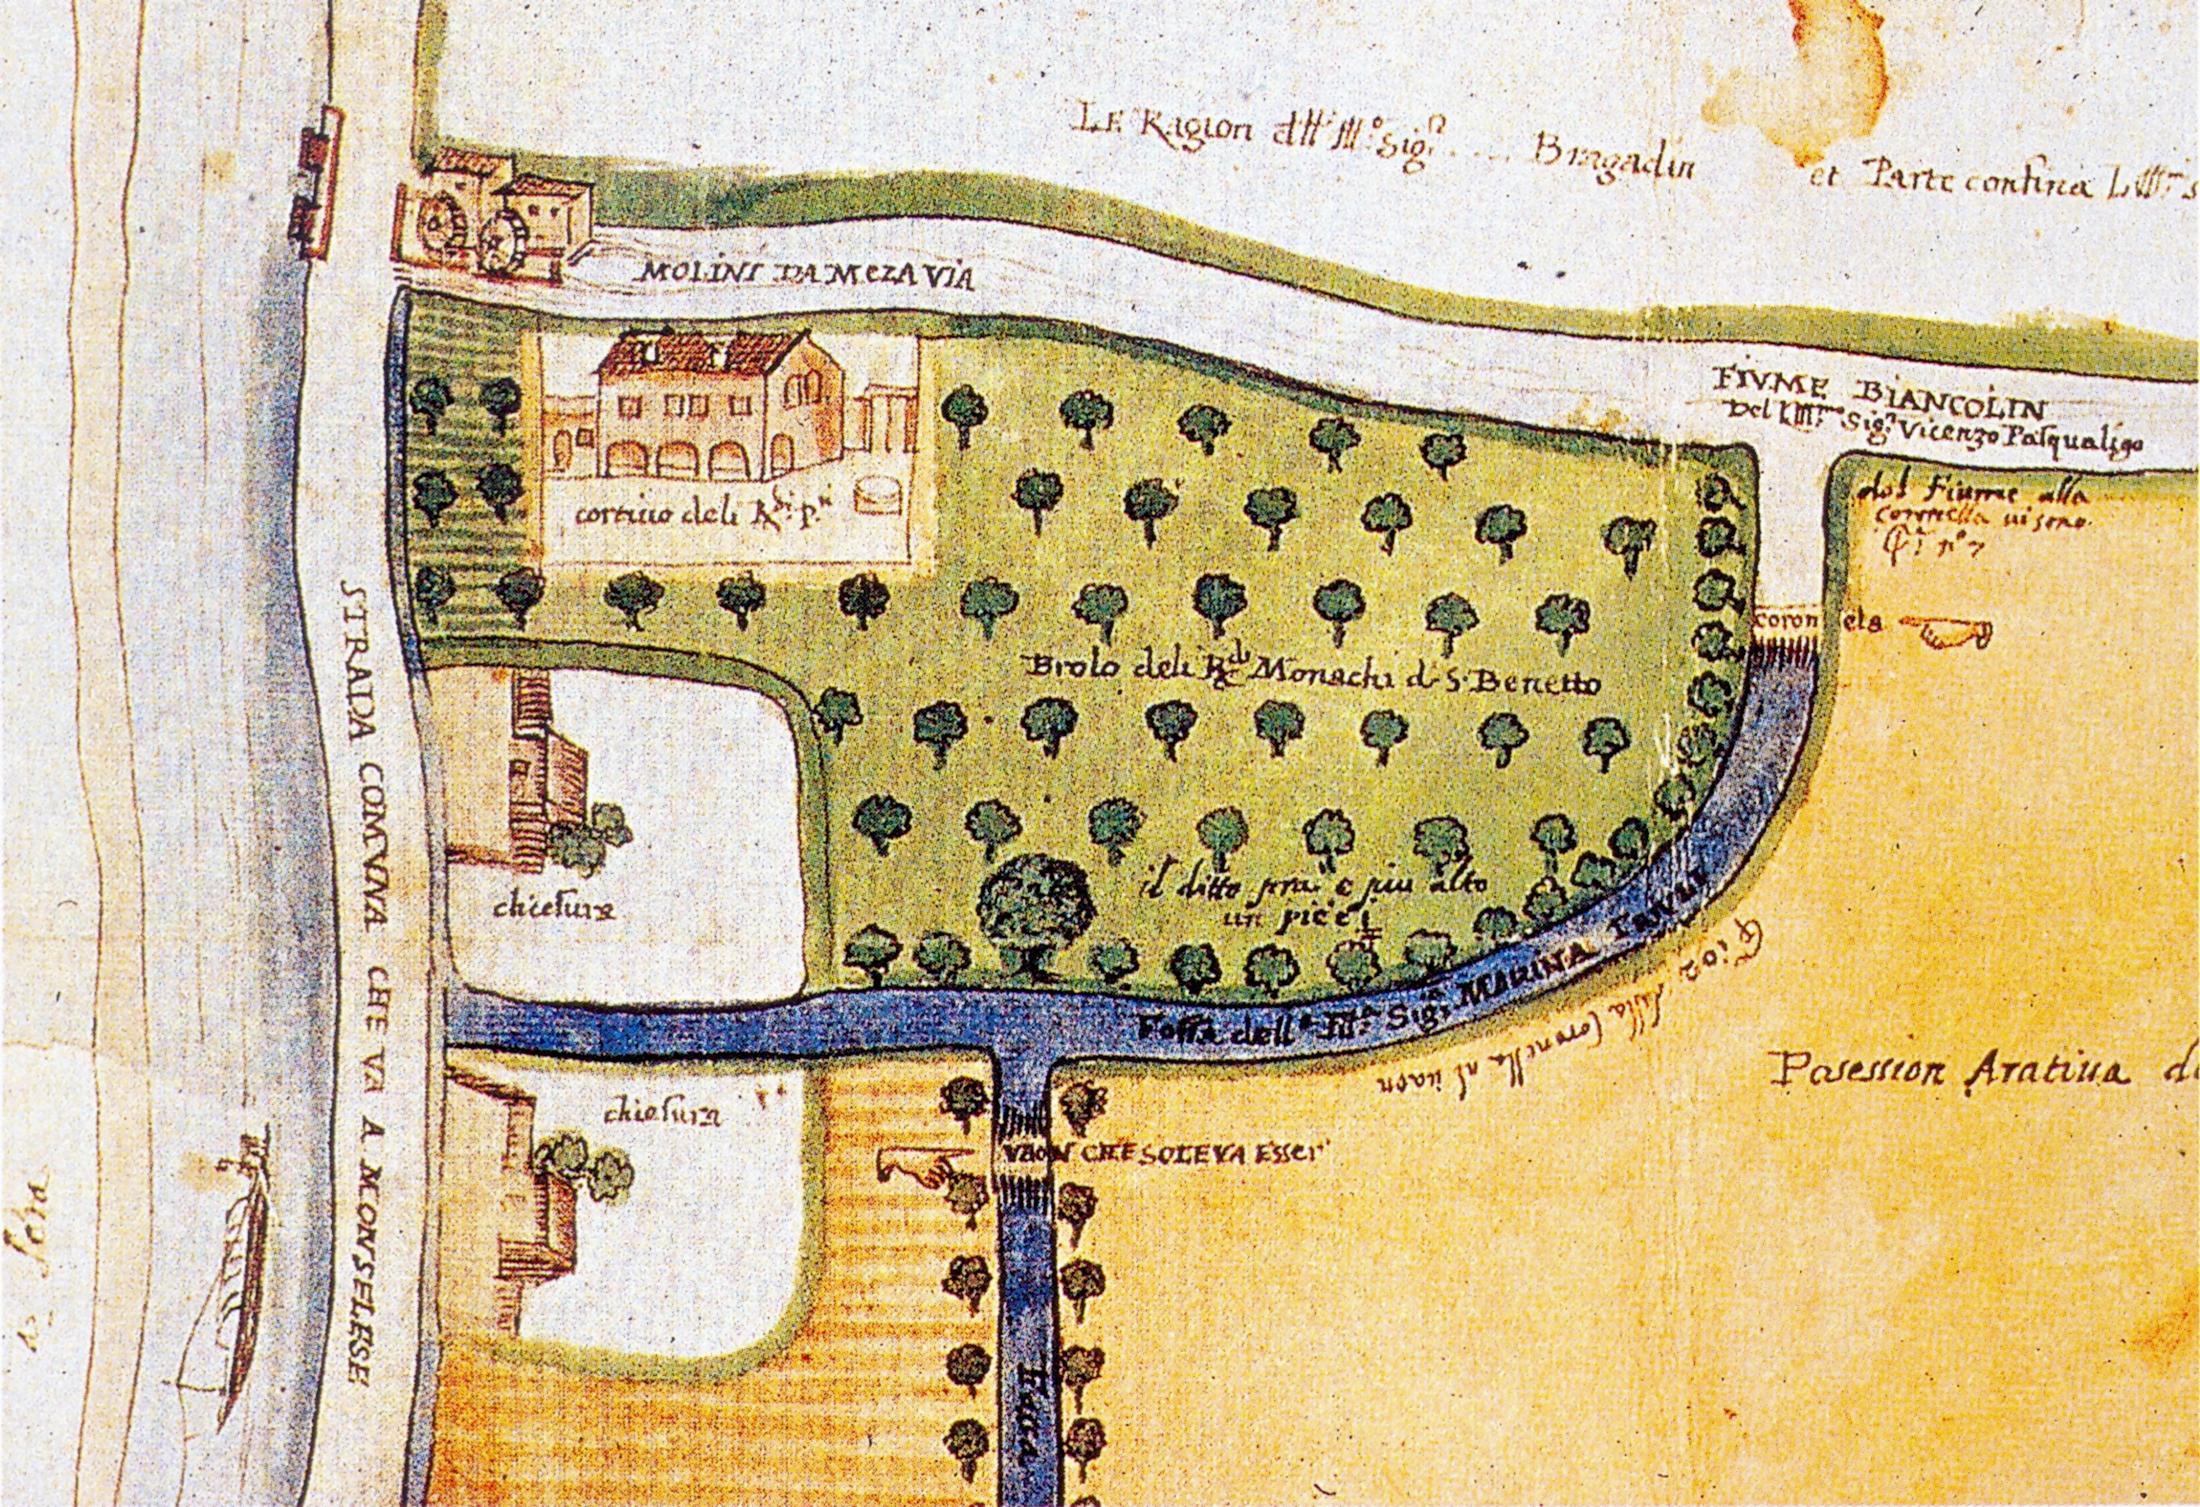 Mezzavia, 1670: il mulino attivo all'inizio del fiume Biancolin. Nel disegno, l'ampio brolo delimitato da una fossa d'acqua.